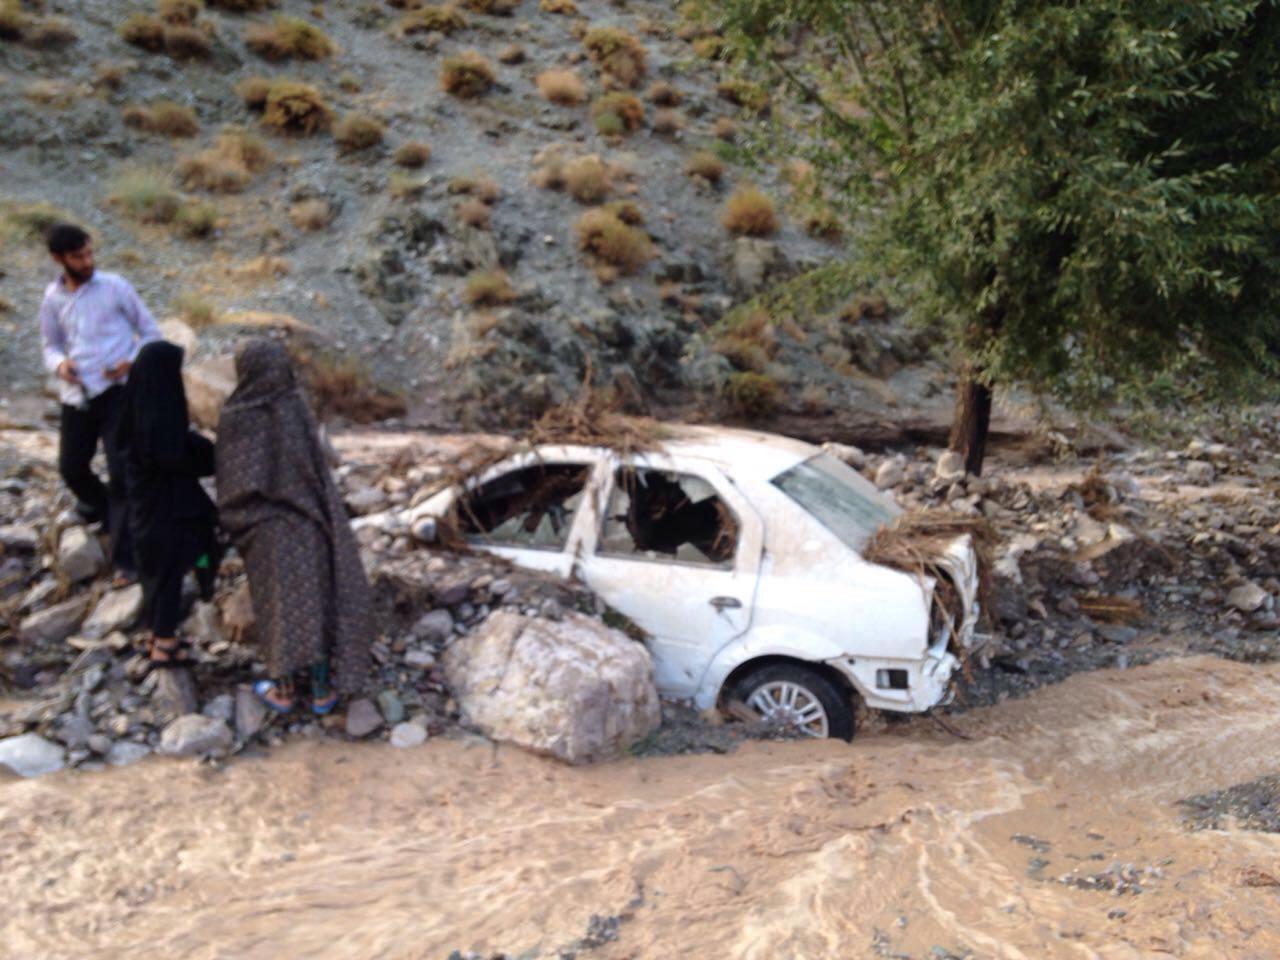 بارندگی شدید در کرمان 3 کشته برجای گذاشت+تصاویر